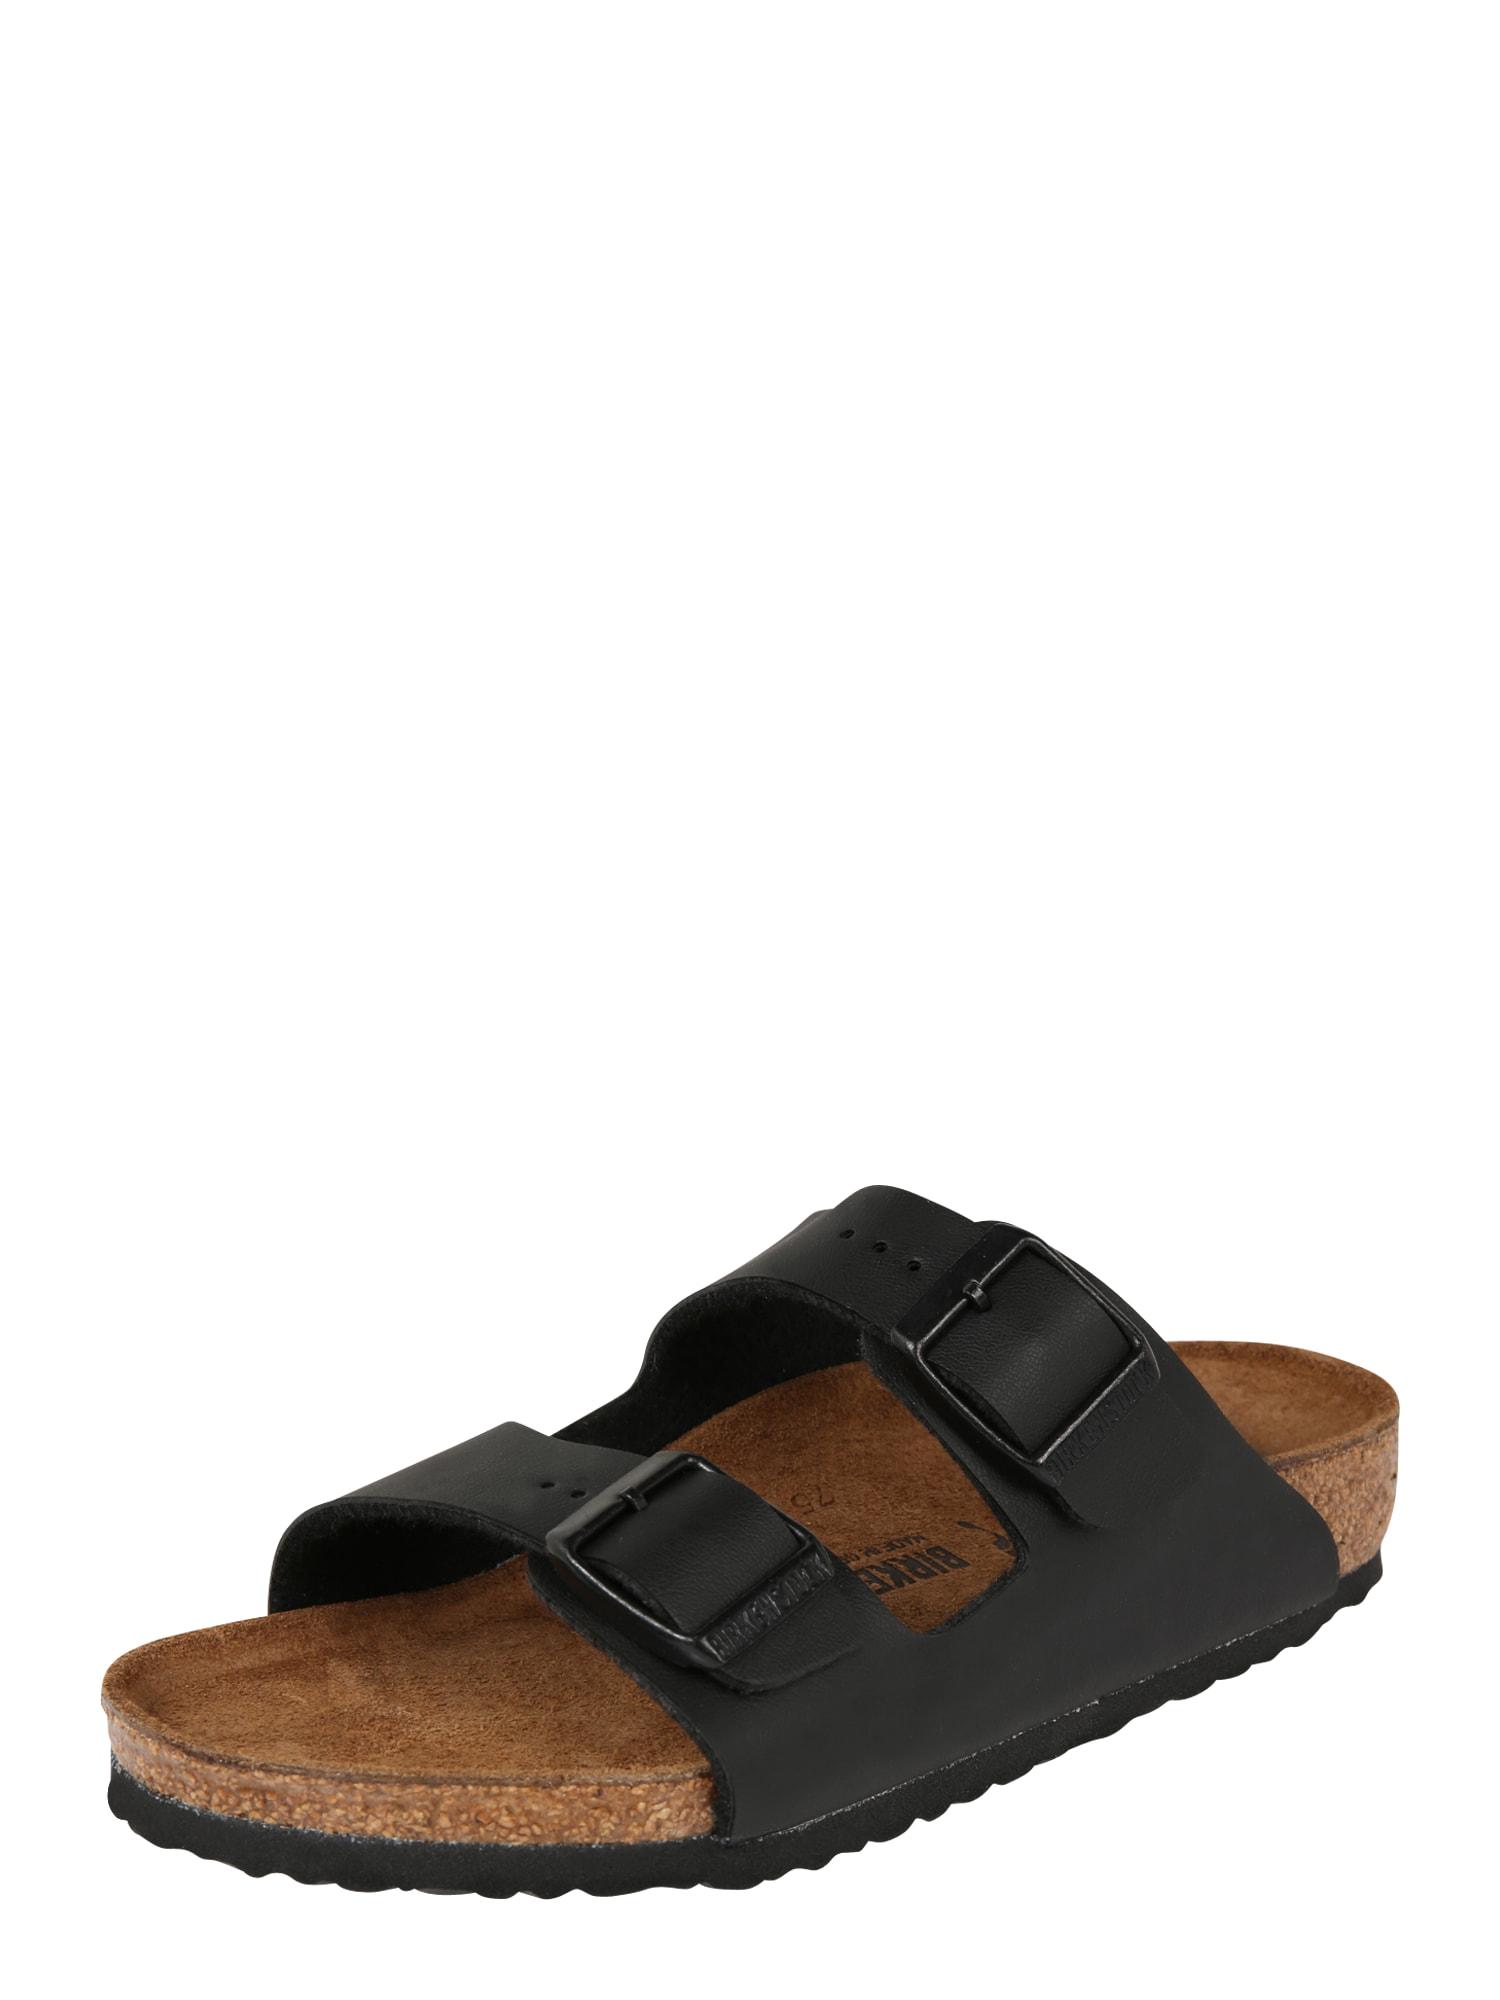 Otevřená obuv Arizona BF černá BIRKENSTOCK